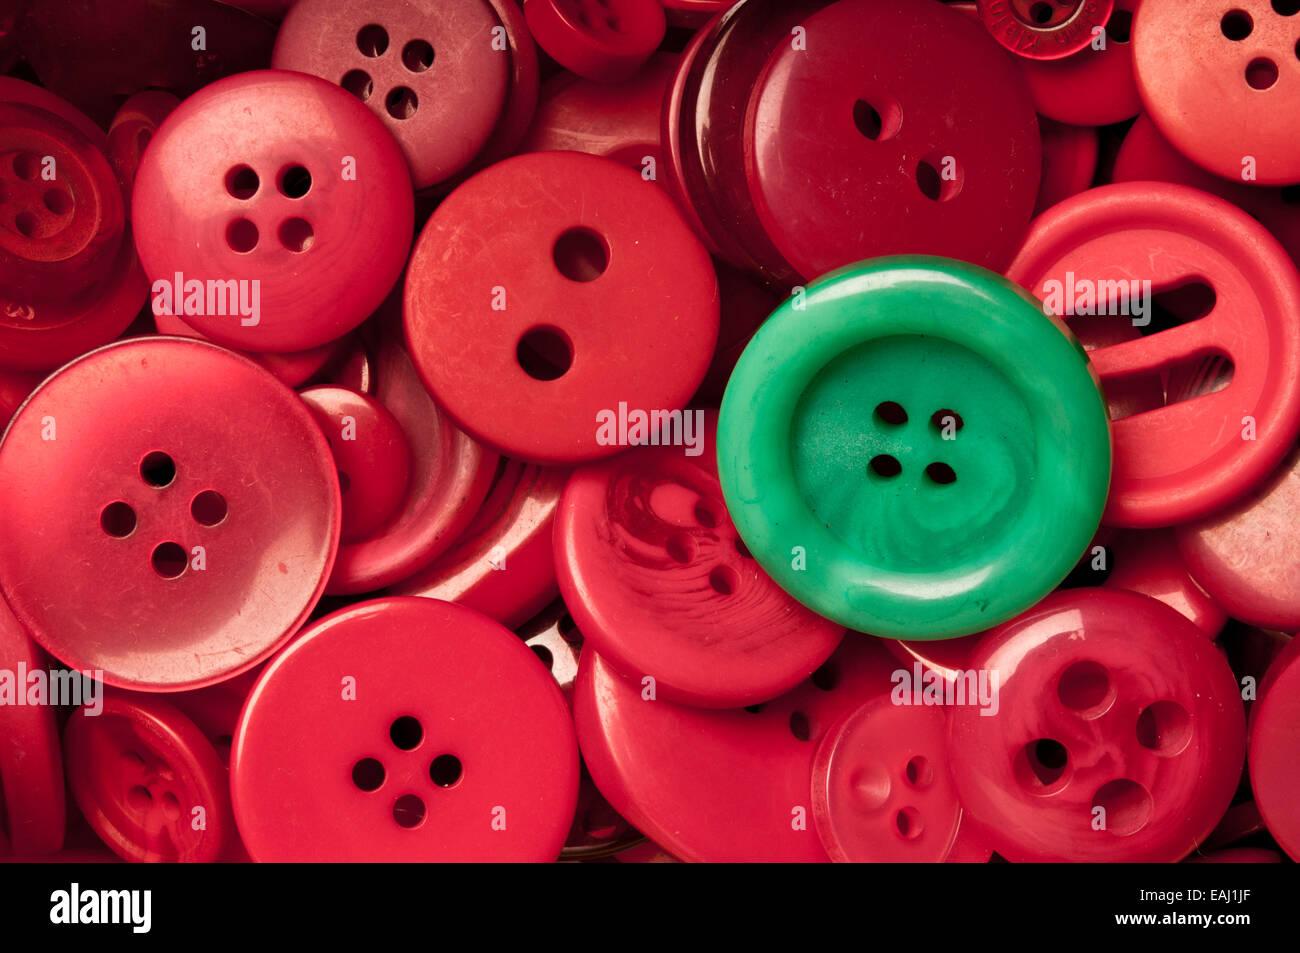 Pulsante verde tra i pulsanti rossi Immagini Stock